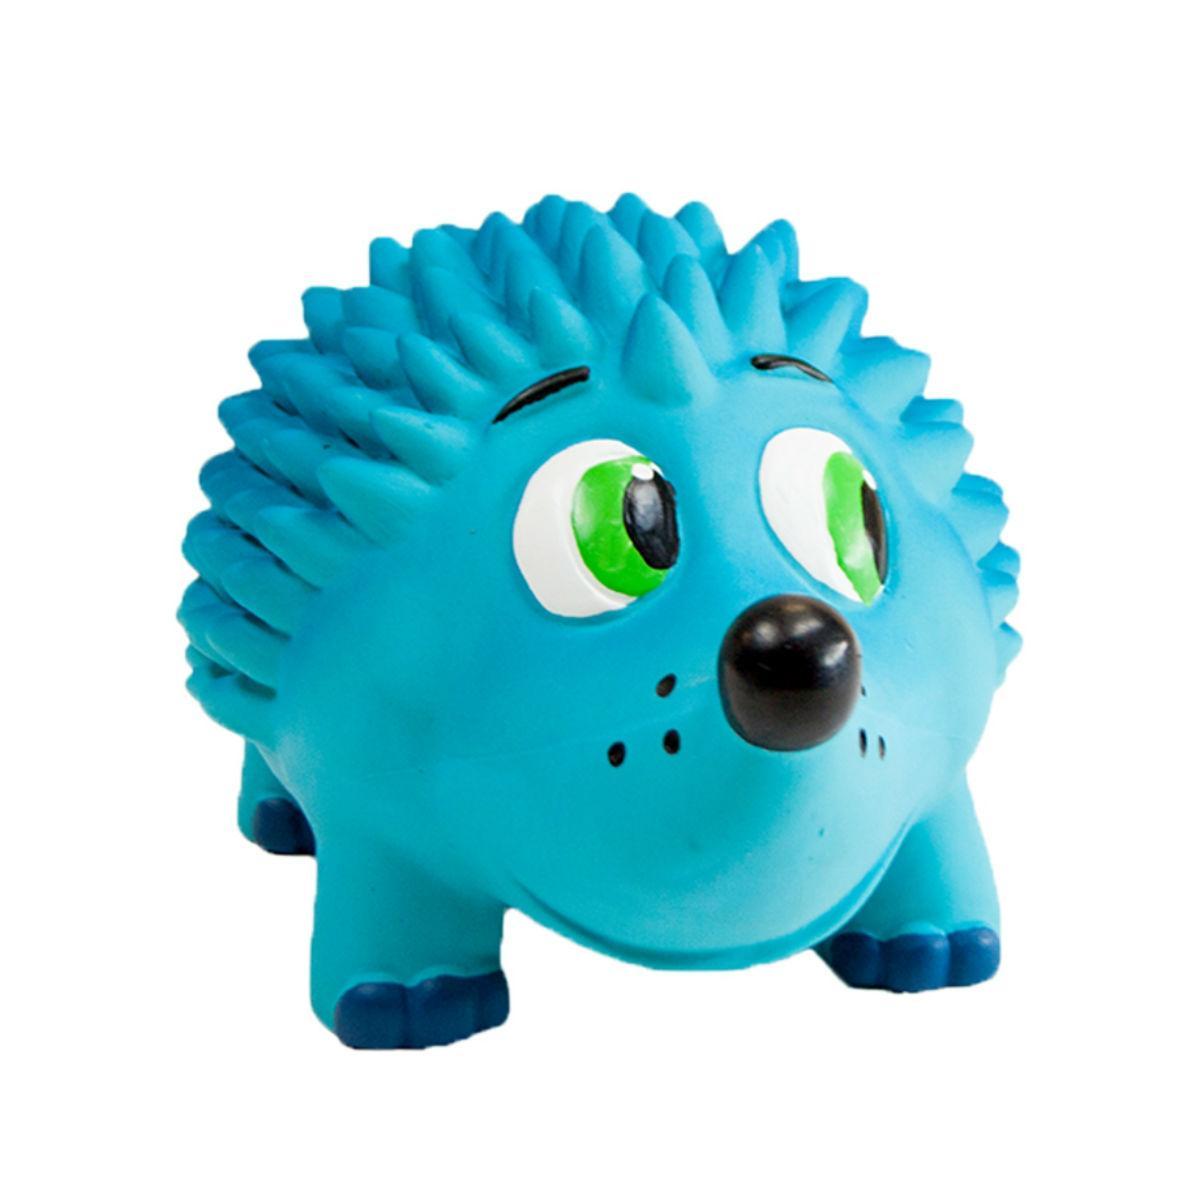 Outward Hound Tootiez Grunting Squeak Dog Toy - Hedgehog